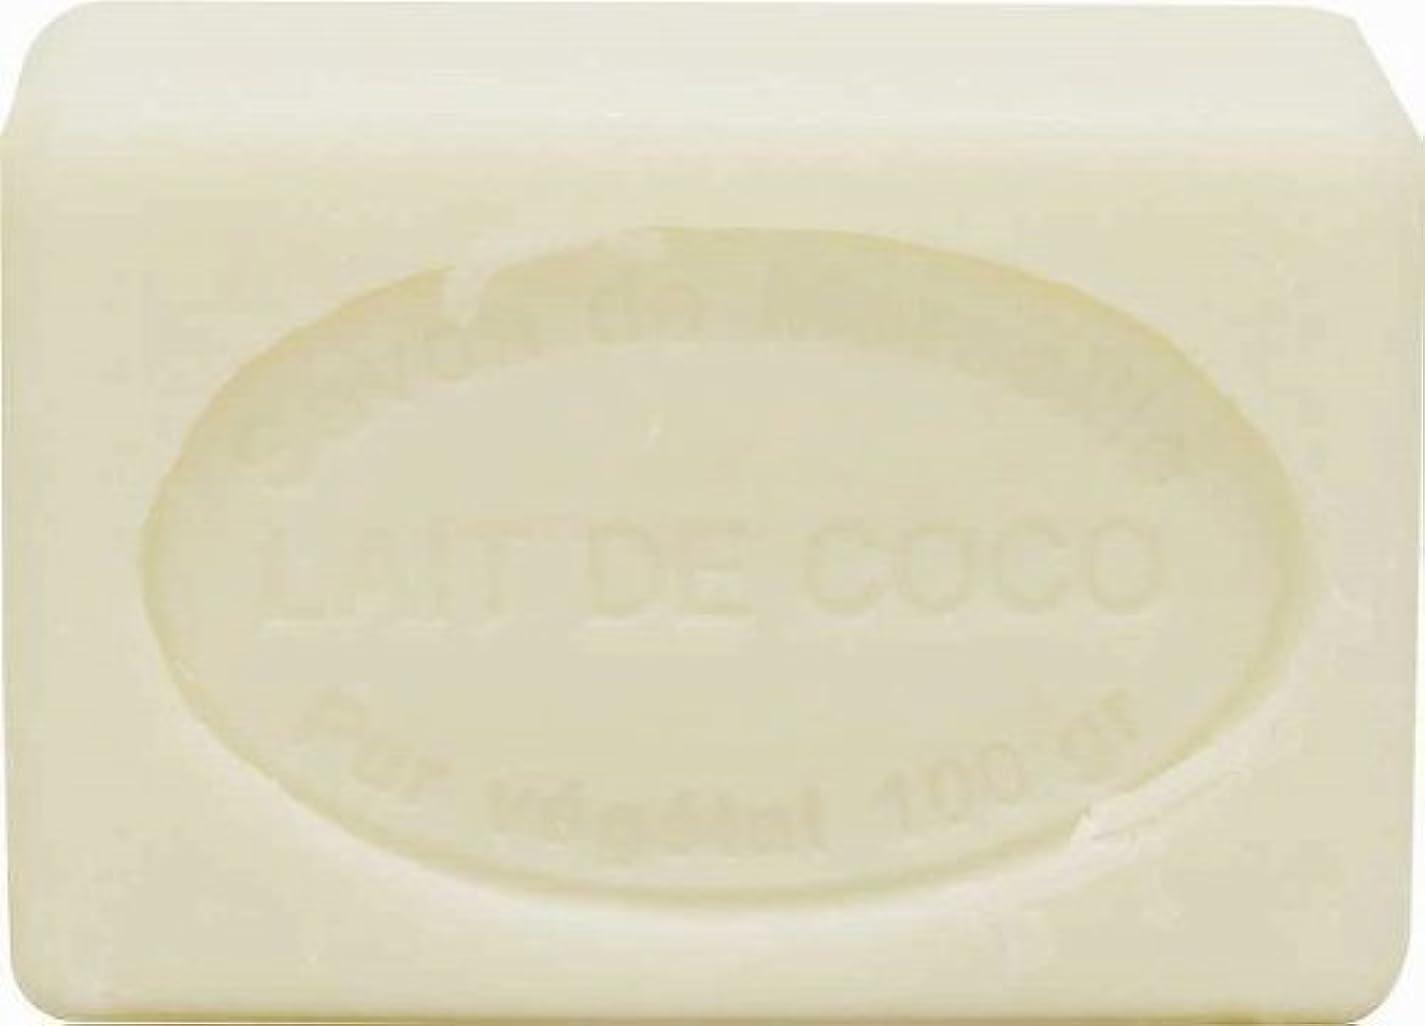 違反する評価する直感ル?シャトゥラール ソープ 100g ココナッツミルク SAVON 100